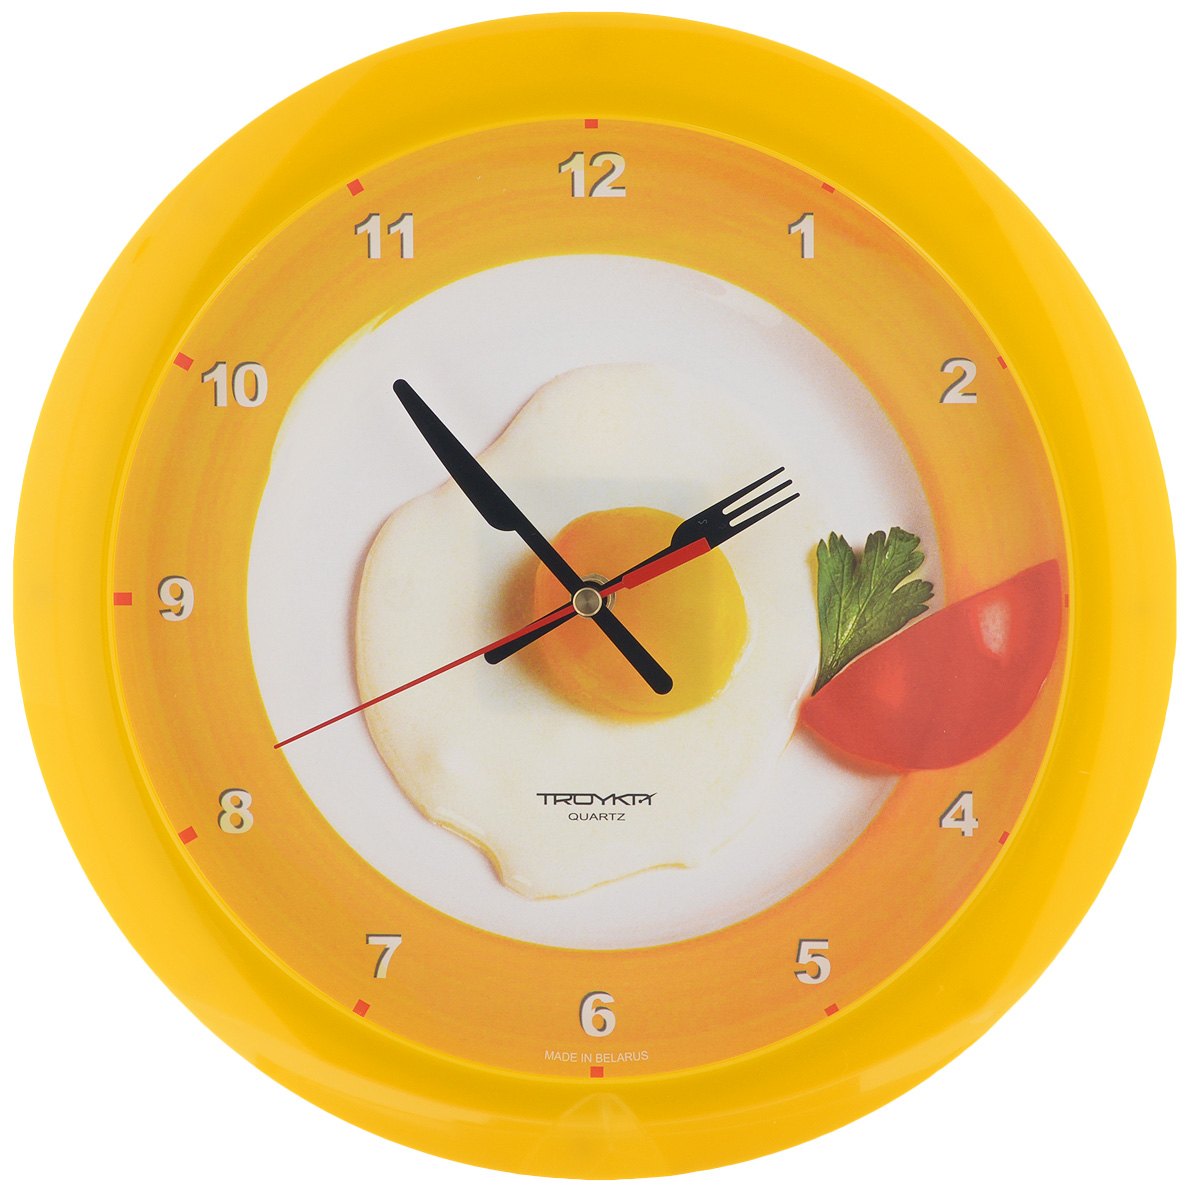 Часы настенные Troyka Яичница, цвет: белый, желтый. 1115017895219Настенные кварцевые часы Troyka Яичница, изготовленные из пластика, прекрасно подойдут под интерьер вашего дома. Круглые часы имеют три стрелки: часовую, минутную и секундную, циферблат украшен изображением яичницы и защищен прозрачным пластиком.Диаметр часов: 29 см.Часы работают от 1 батарейки типа АА напряжением 1,5 В (входит в комплект). Материал: пластик; размер: диаметр 290 мм; цвет: желтый